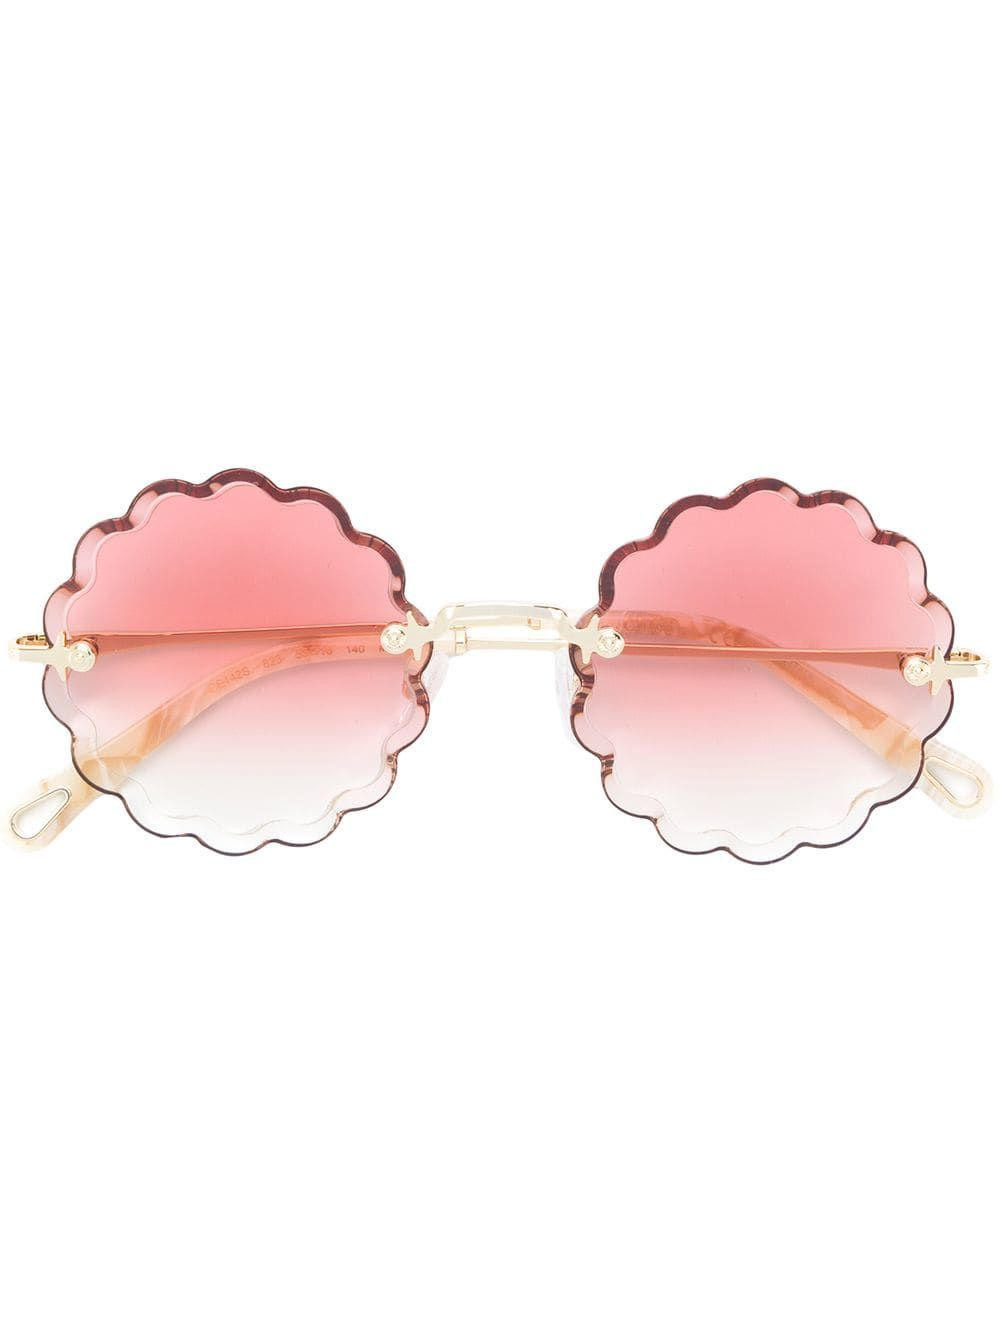 86816bd7cadd Chloé Eyewear Rosie flower shaped sunglasses - Multicolour in 2019 ...